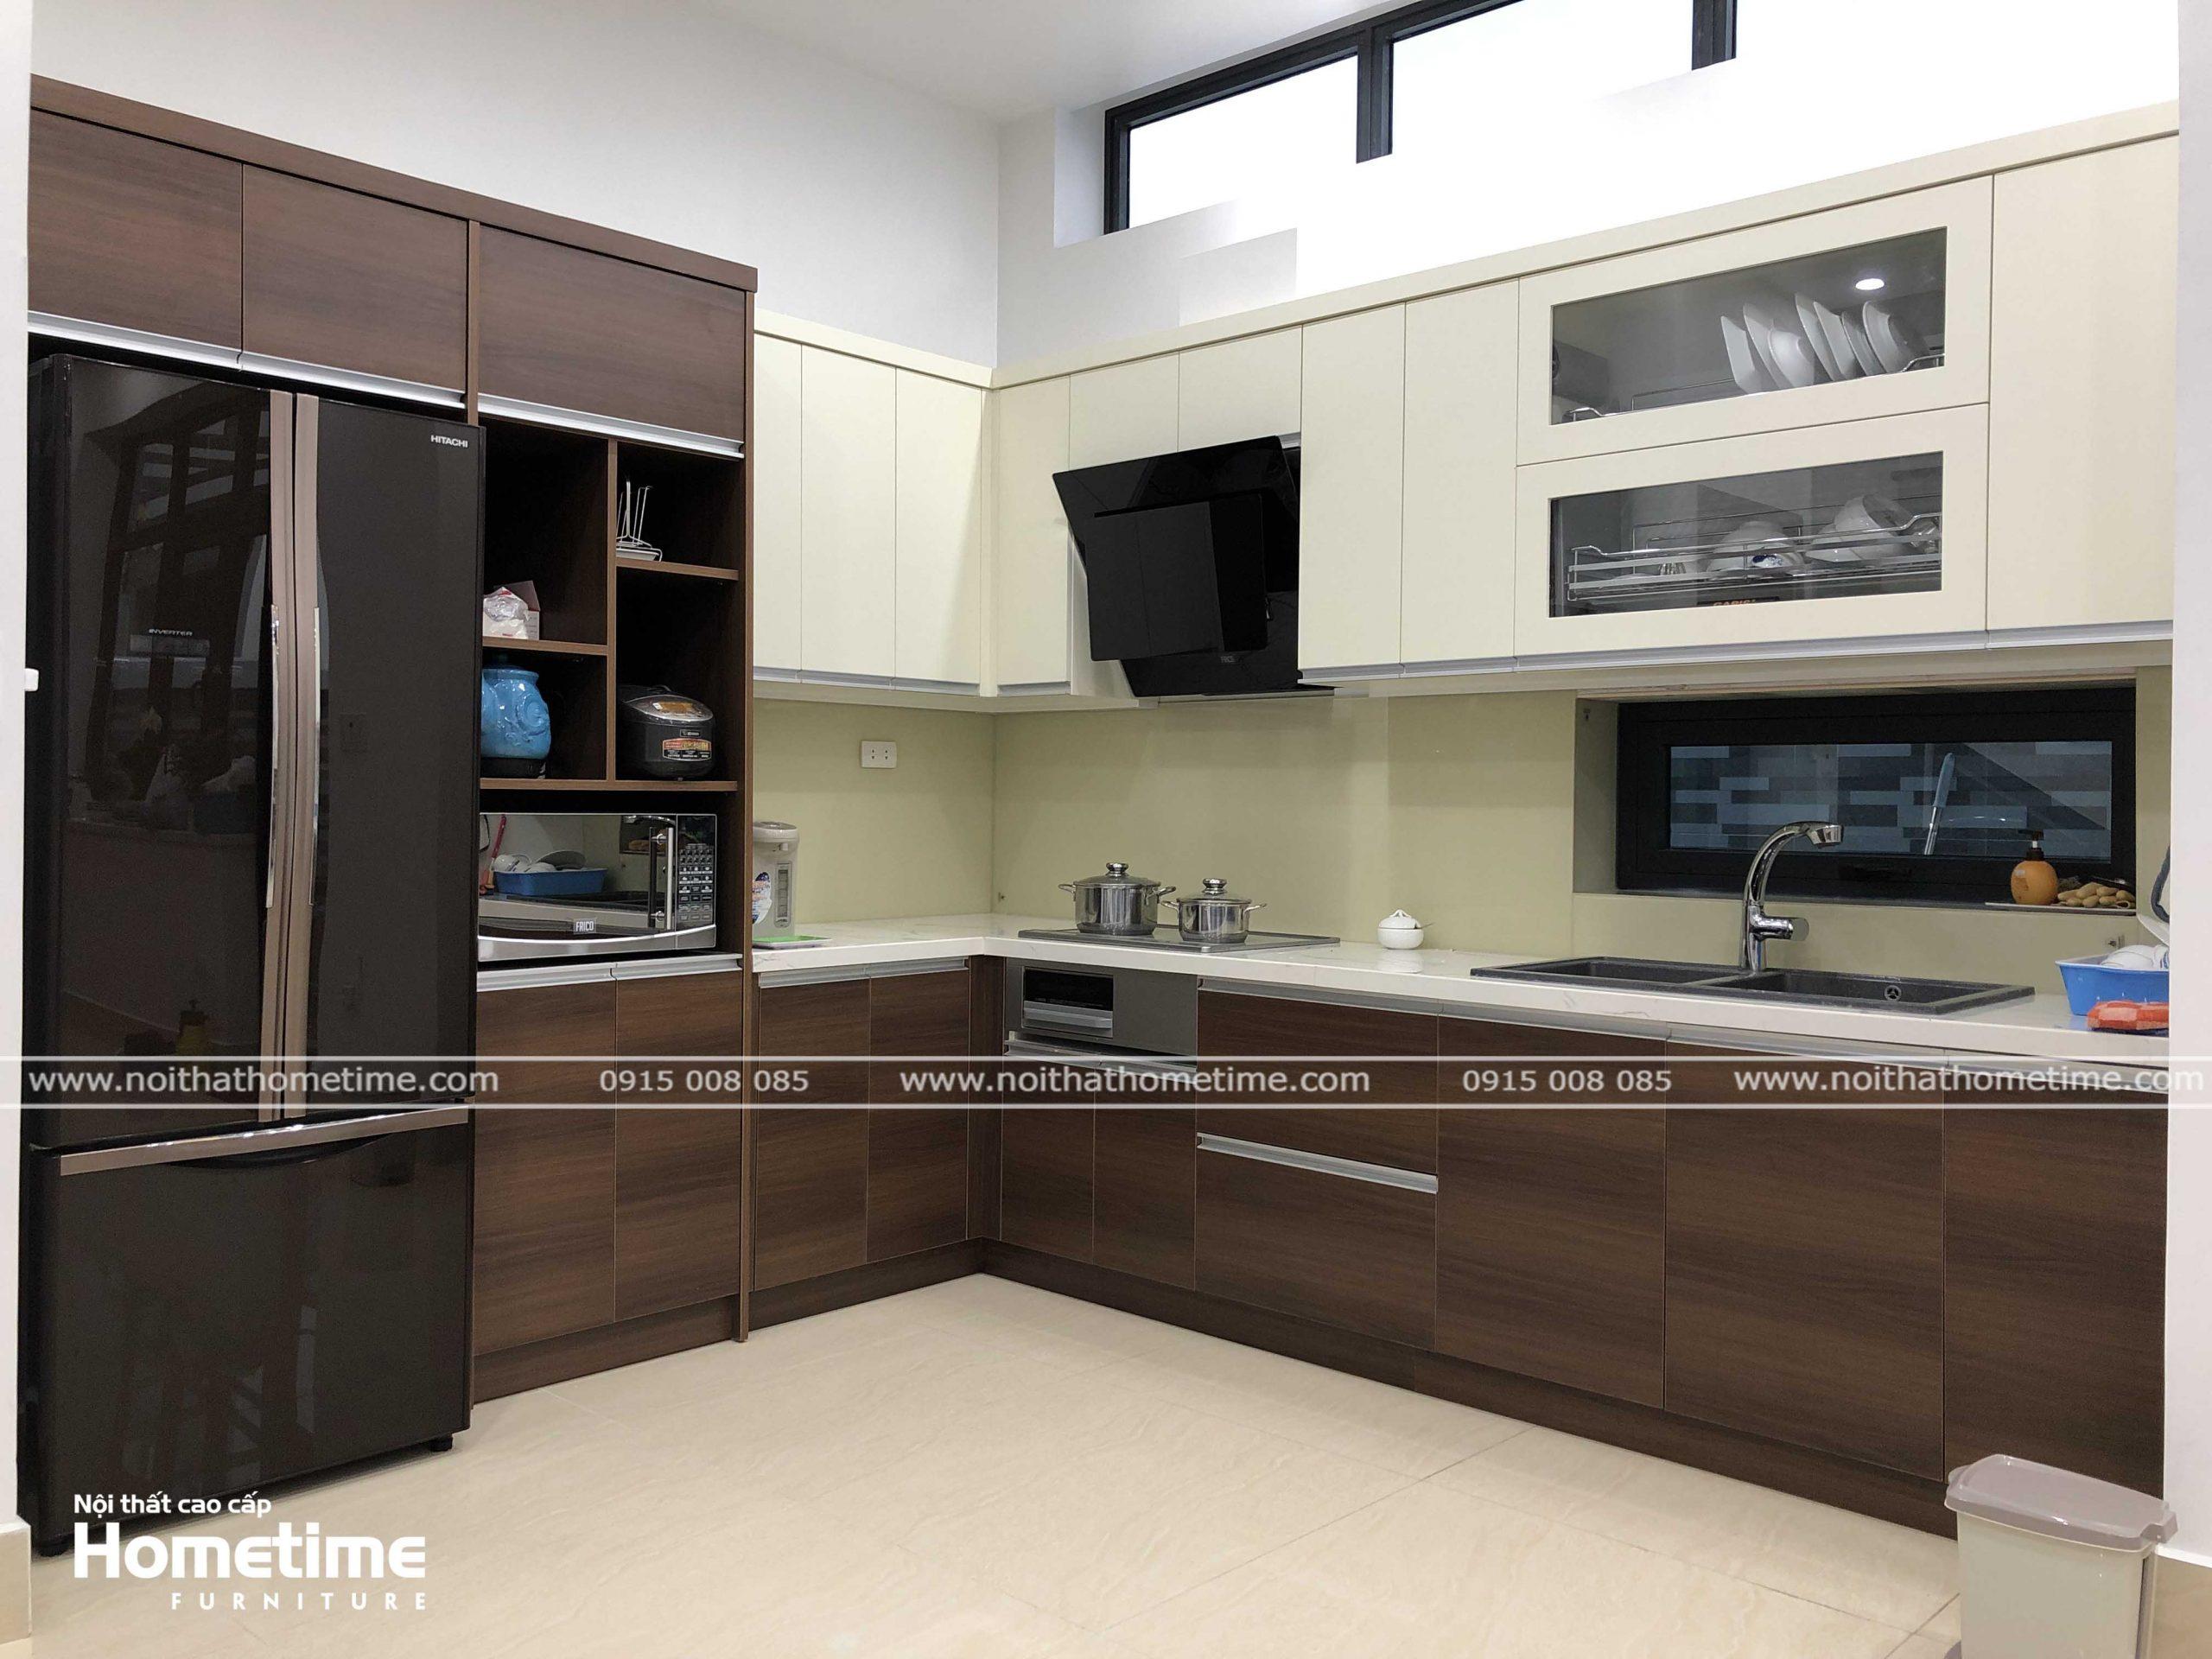 Tủ bếp kiểu dáng chữ L vô cùng tiện nghi cho căn bếp